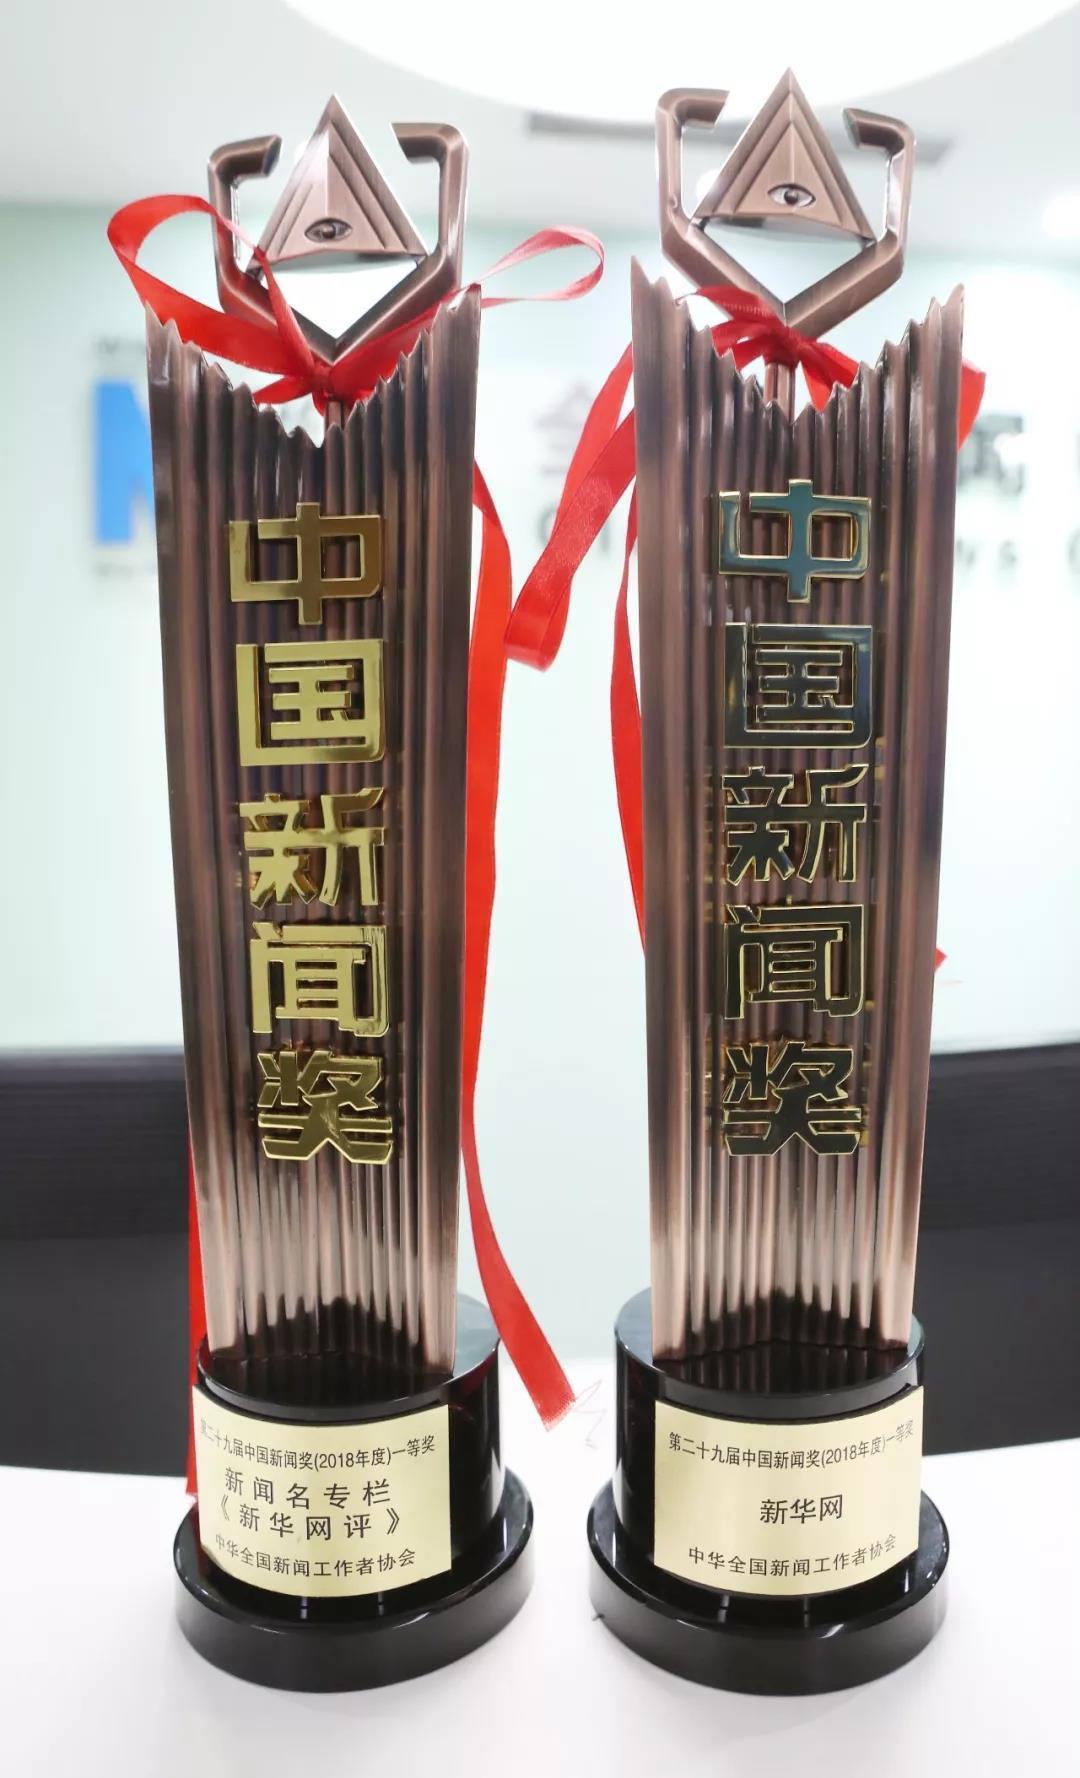 第二十九届中国新闻奖颁奖报告会举行 新华网两件作品获一等奖_名专栏